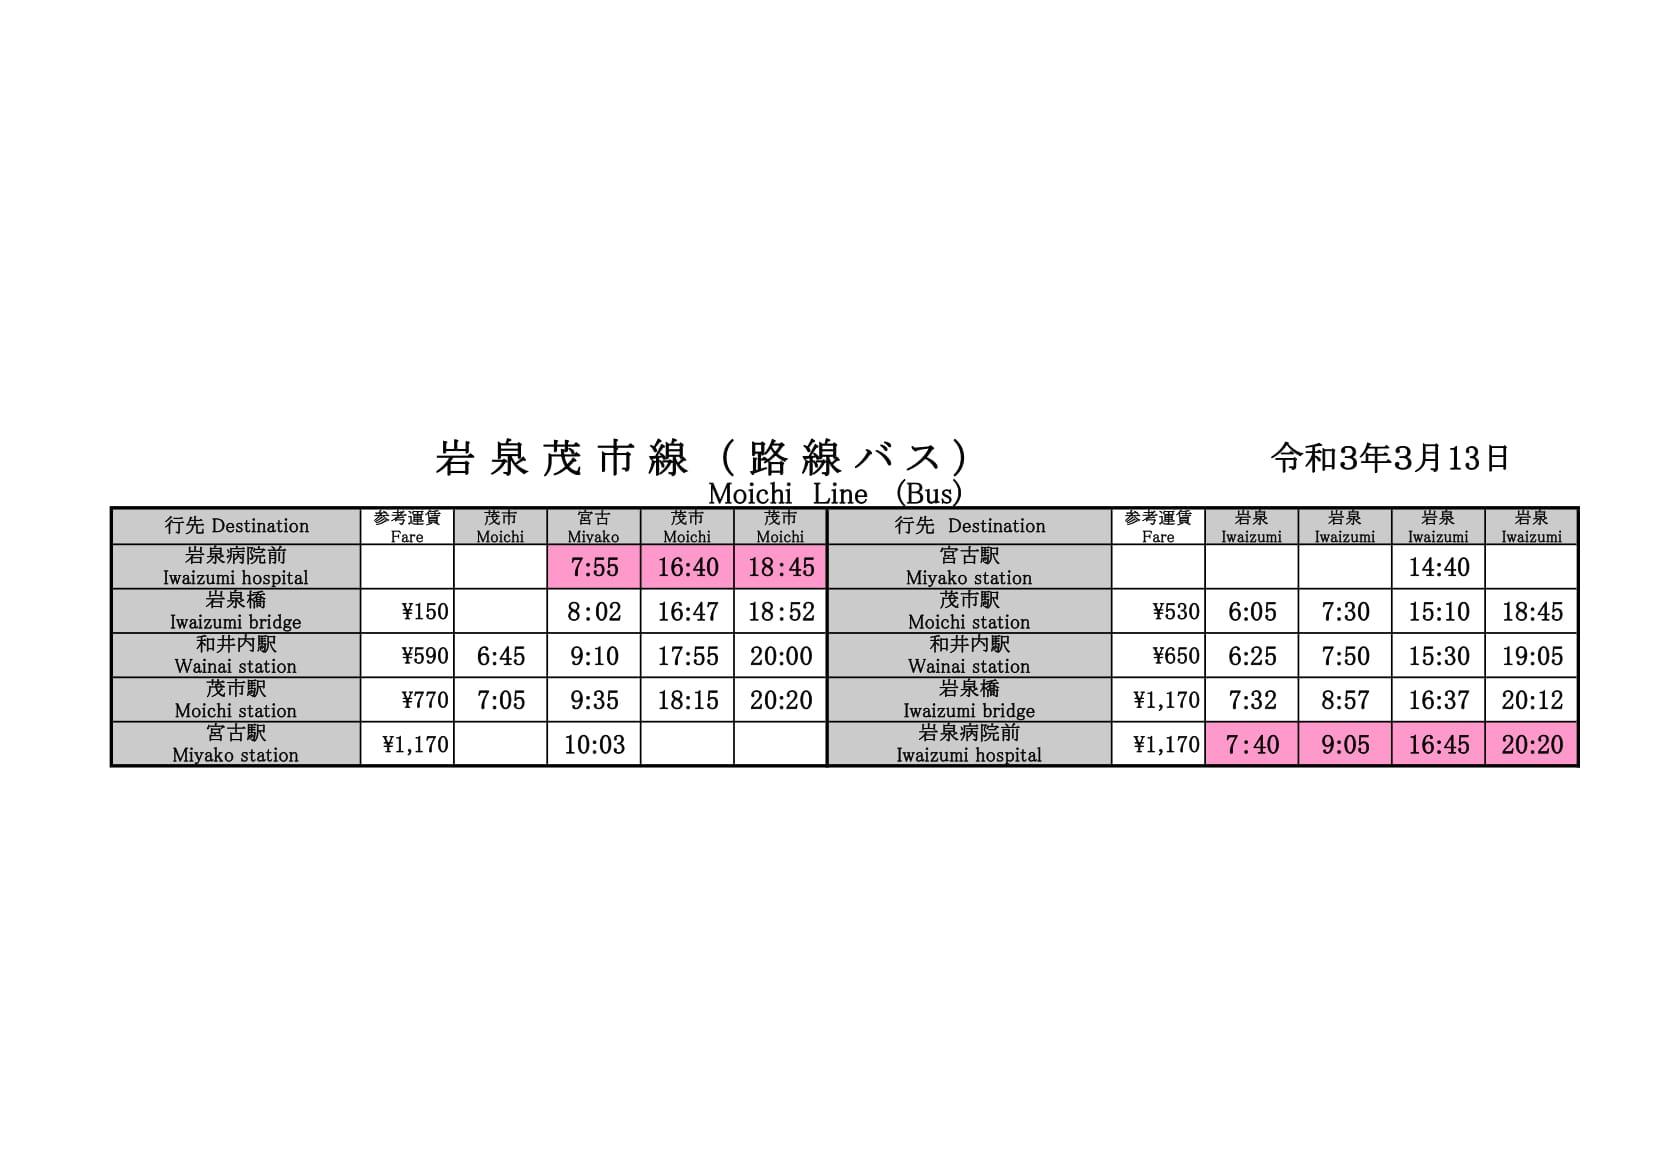 時刻表-令和3年3月13日改正版